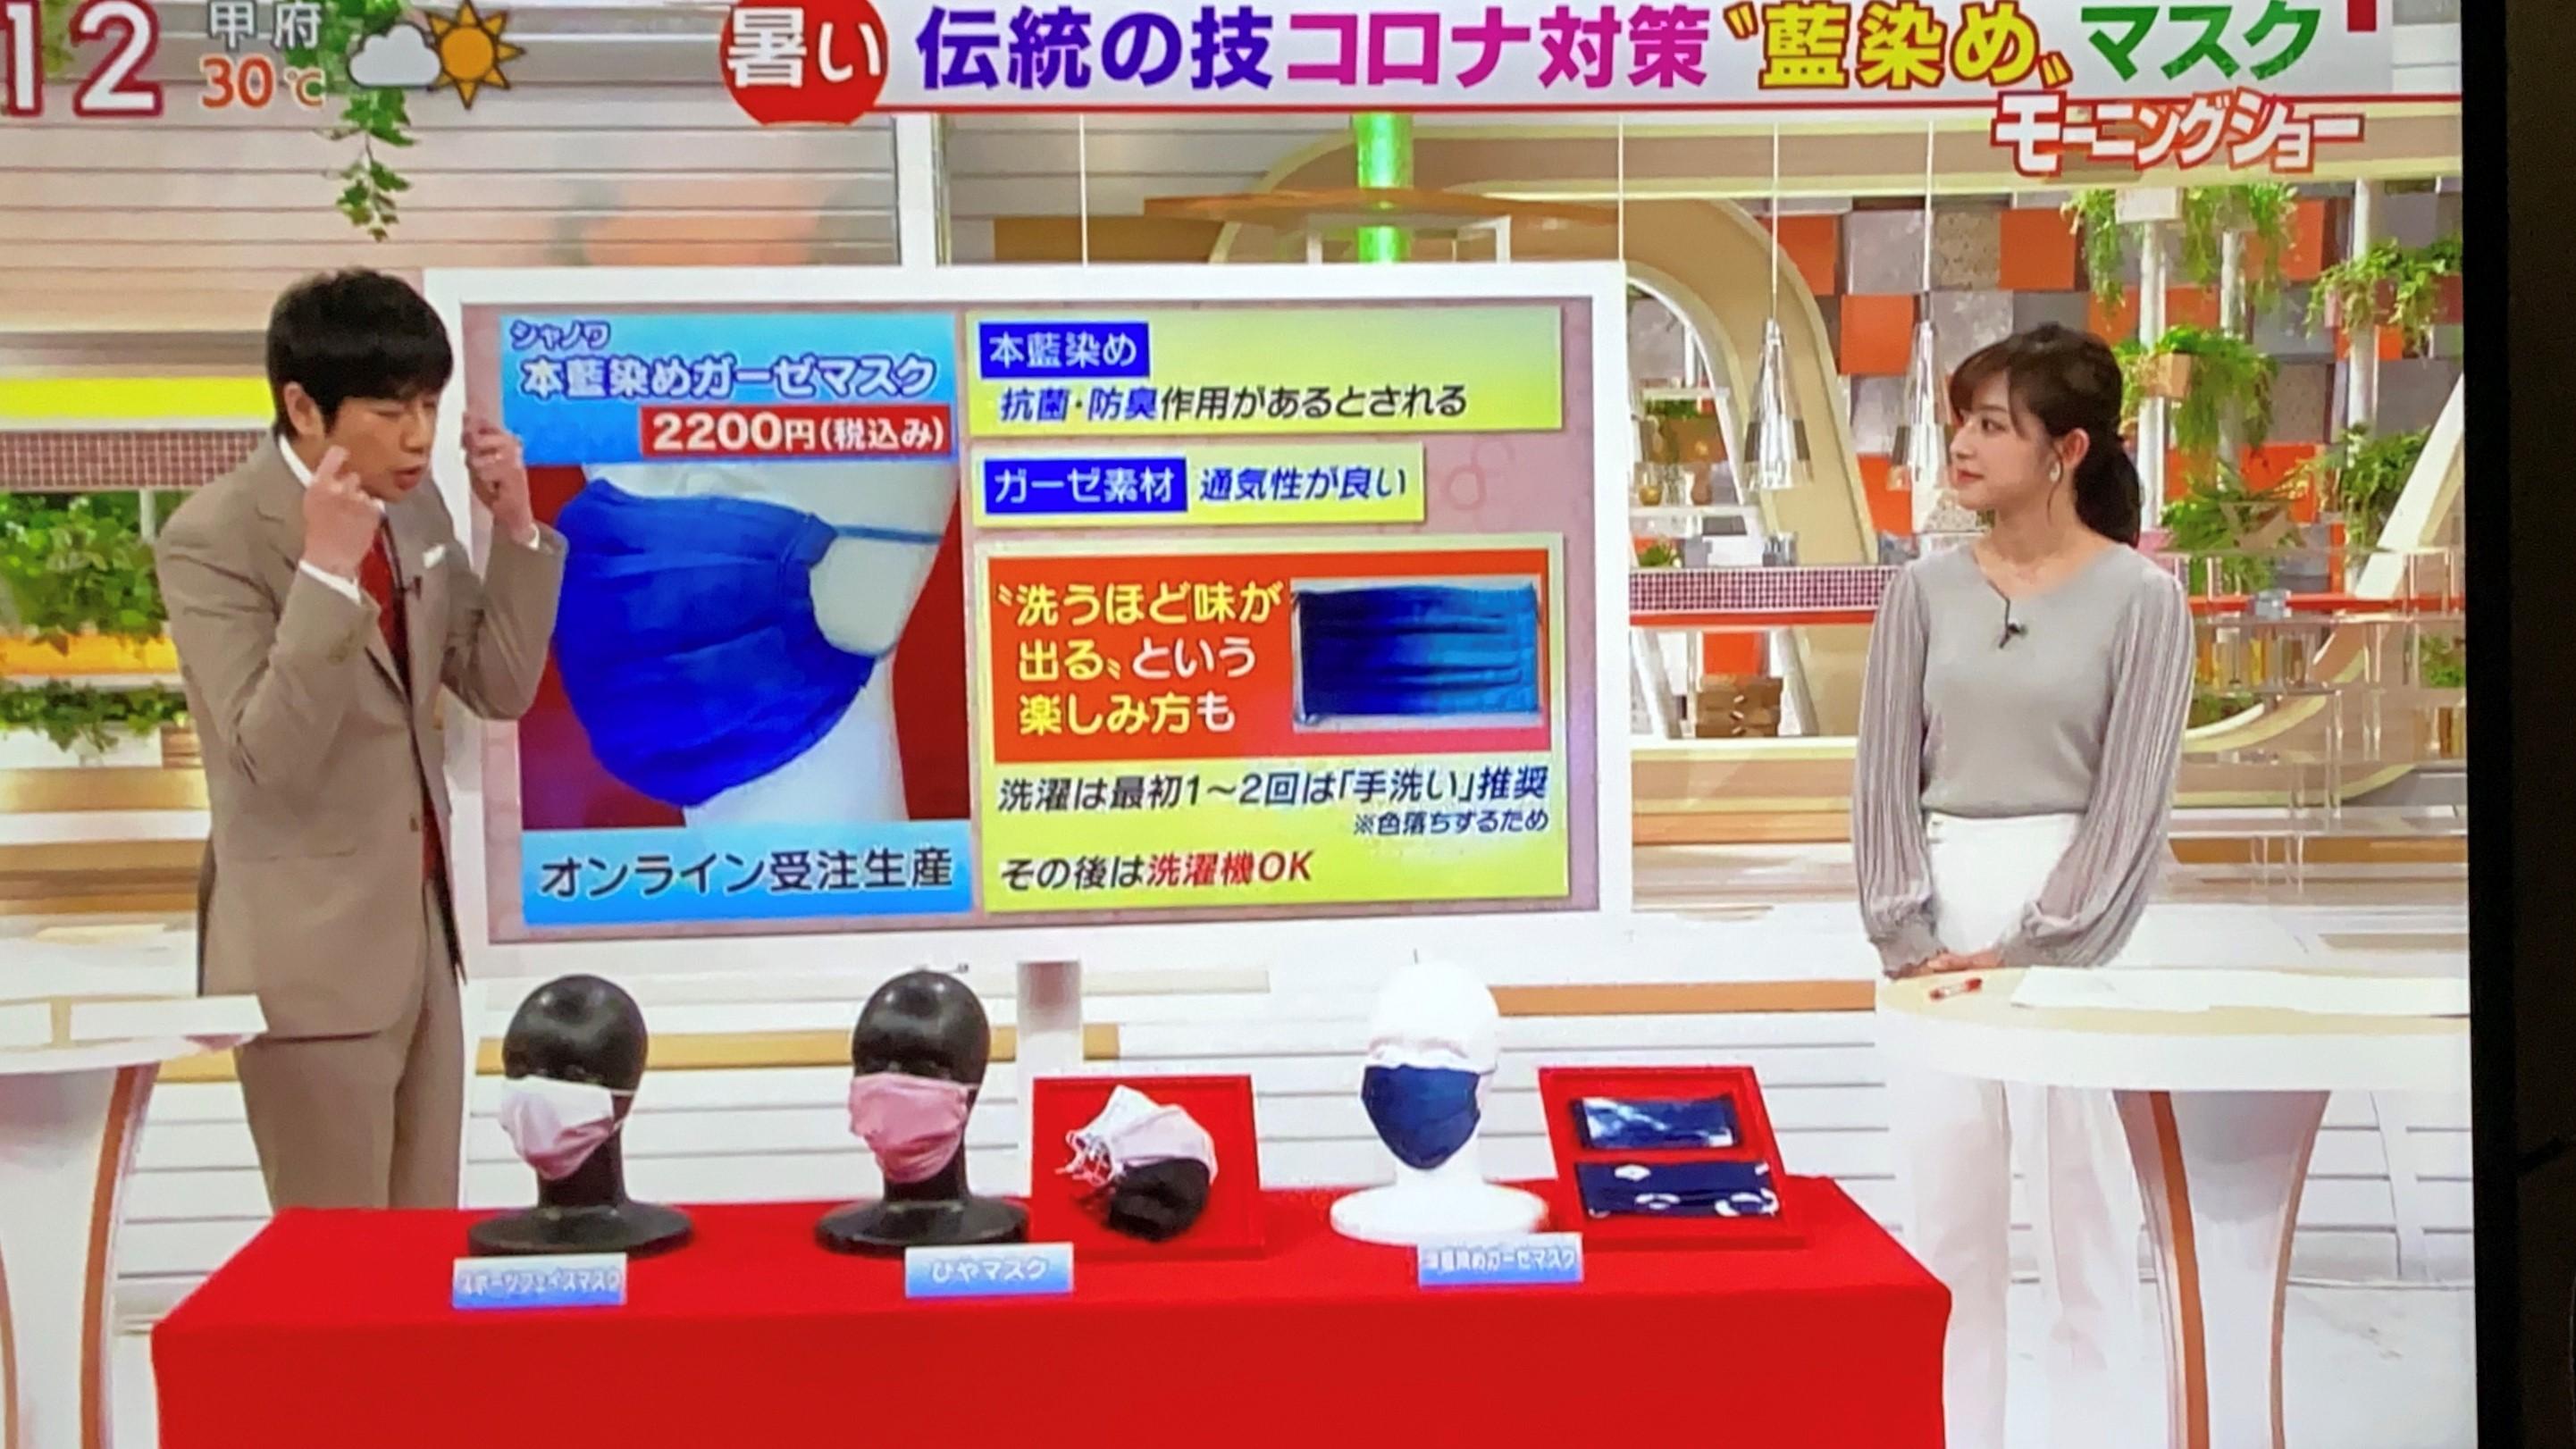 【羽鳥慎一モーニングショー】で当ショップの本藍染めマスクが紹介されました!